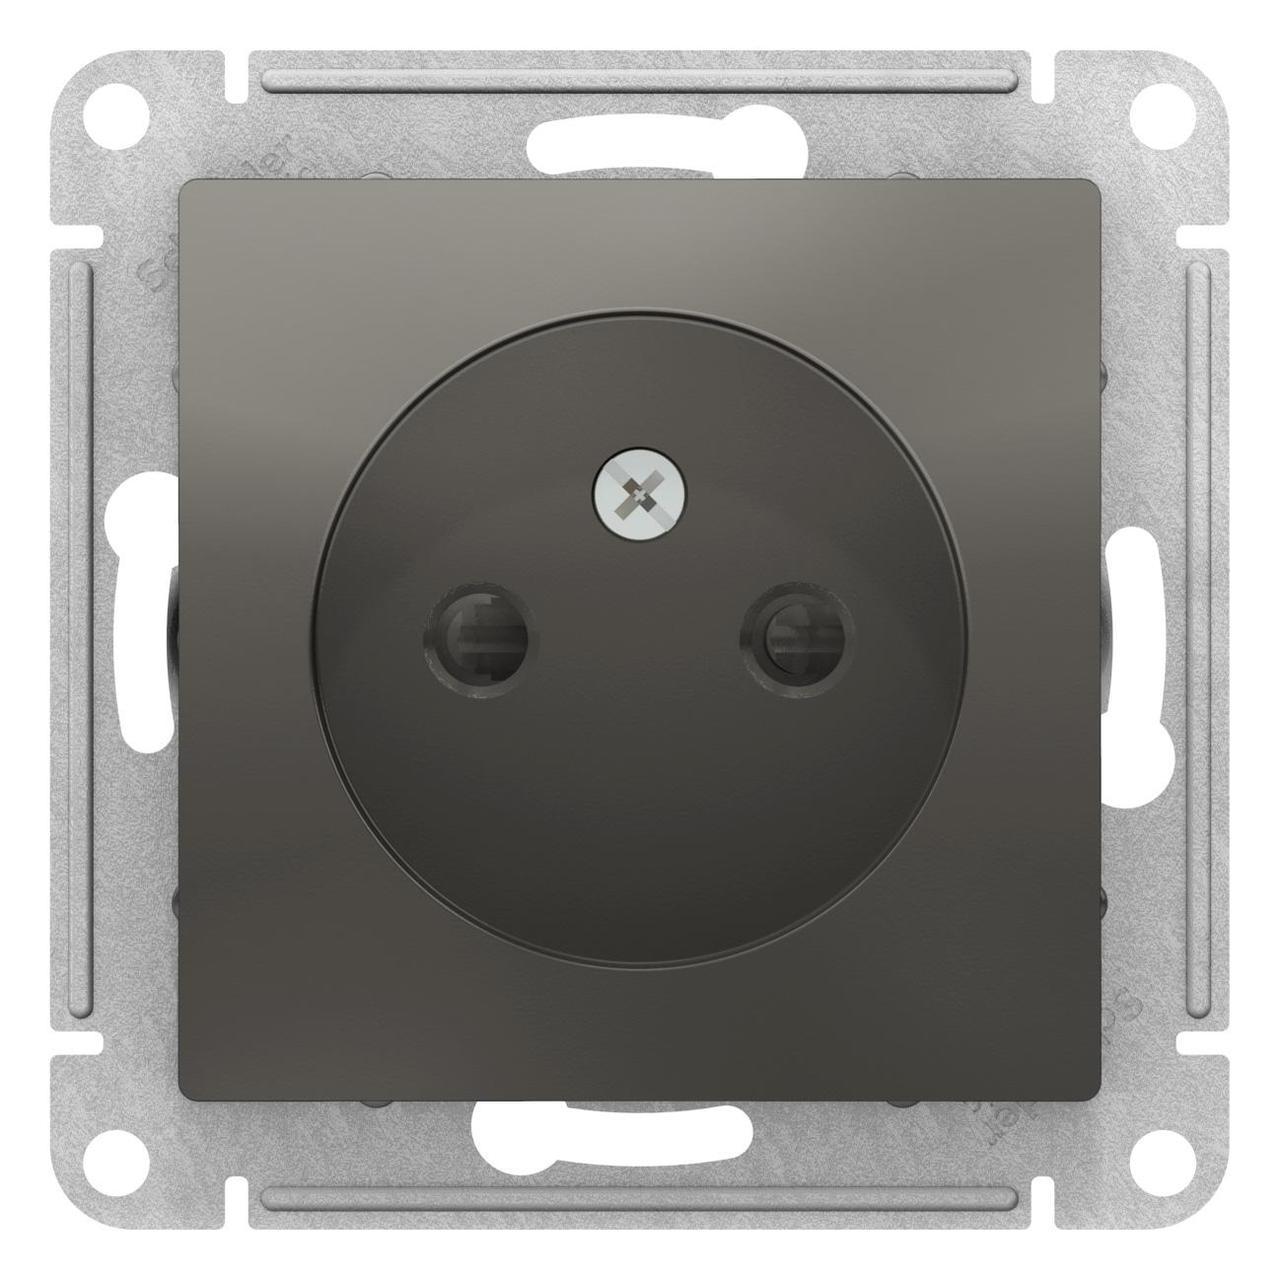 Розетка 1-ая электрическая без заземления с защитными шторками , Сталь, серия Atlas Design, Schneider Electric